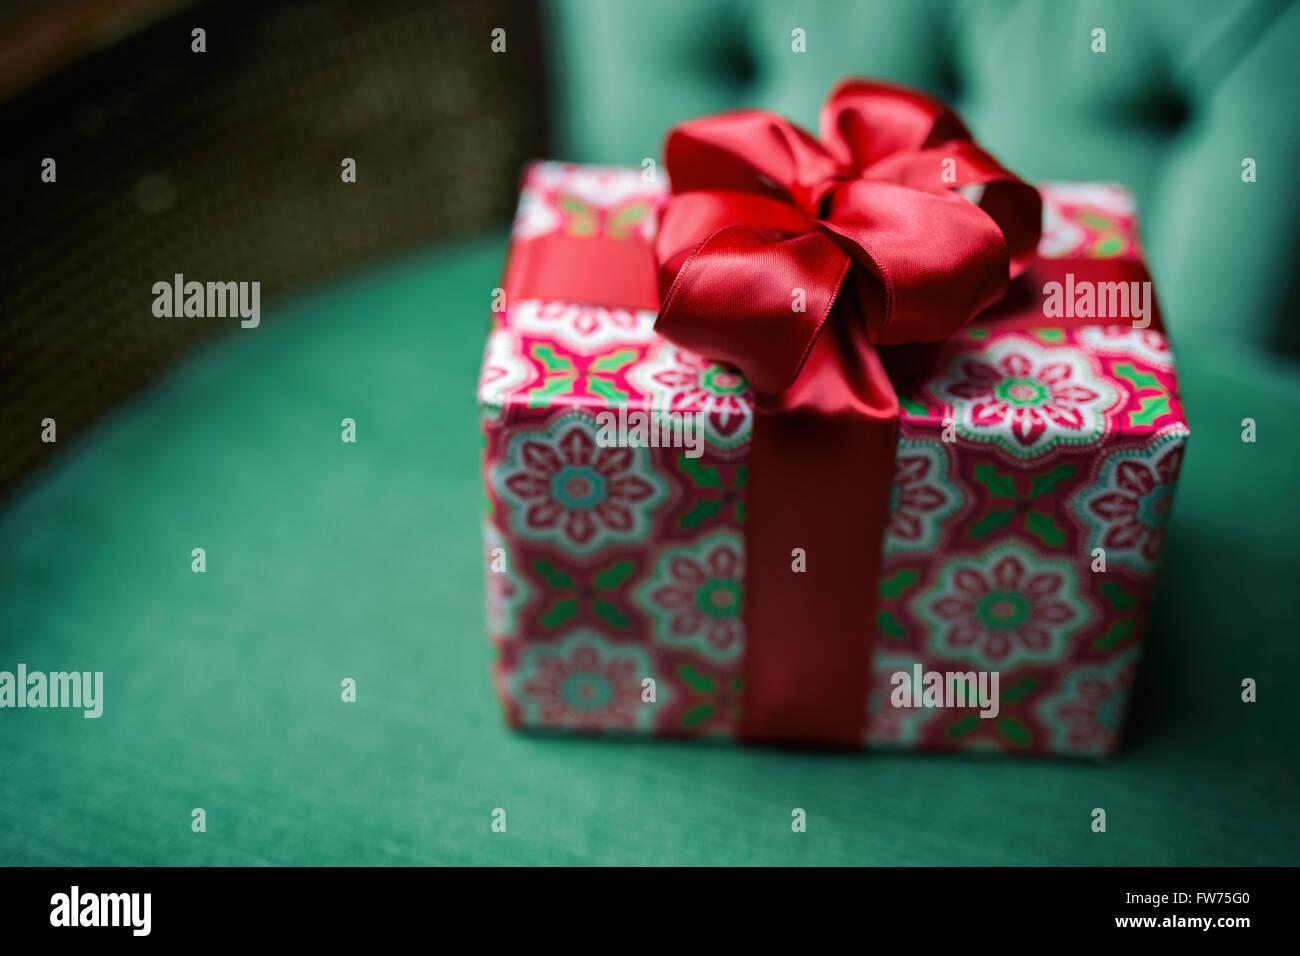 Klein verpackt Weihnachtsgeschenk mit einem großen, roten ...